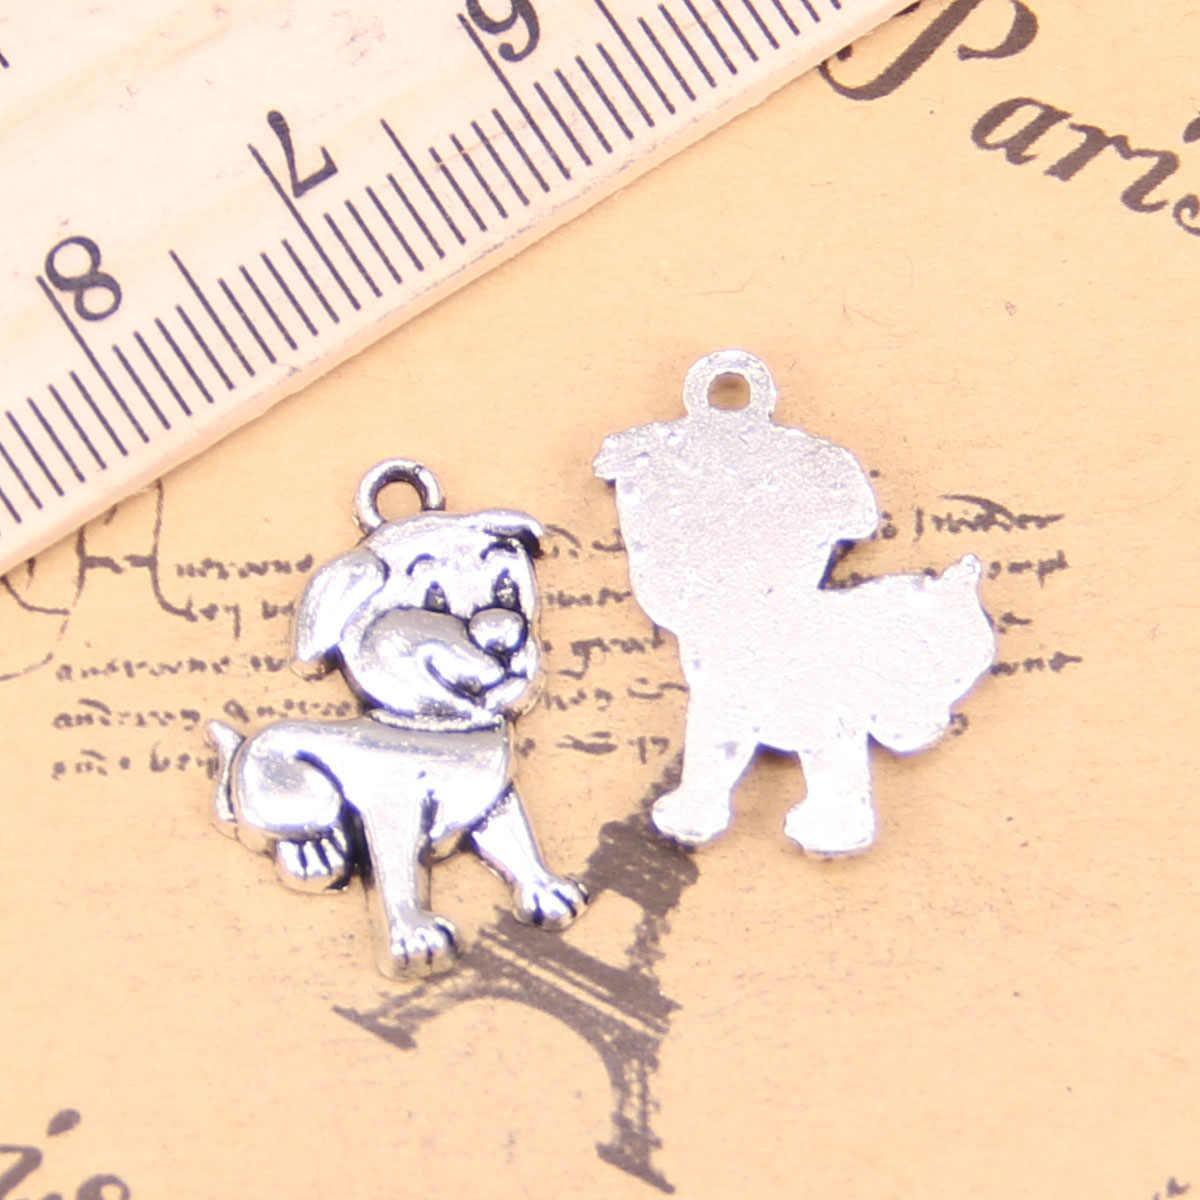 68 sztuk biżuteria Charms piękny pies 21x16mm Antique Silver Plated zawieszki dokonywanie DIY Handmade tybetański srebrny biżuteria